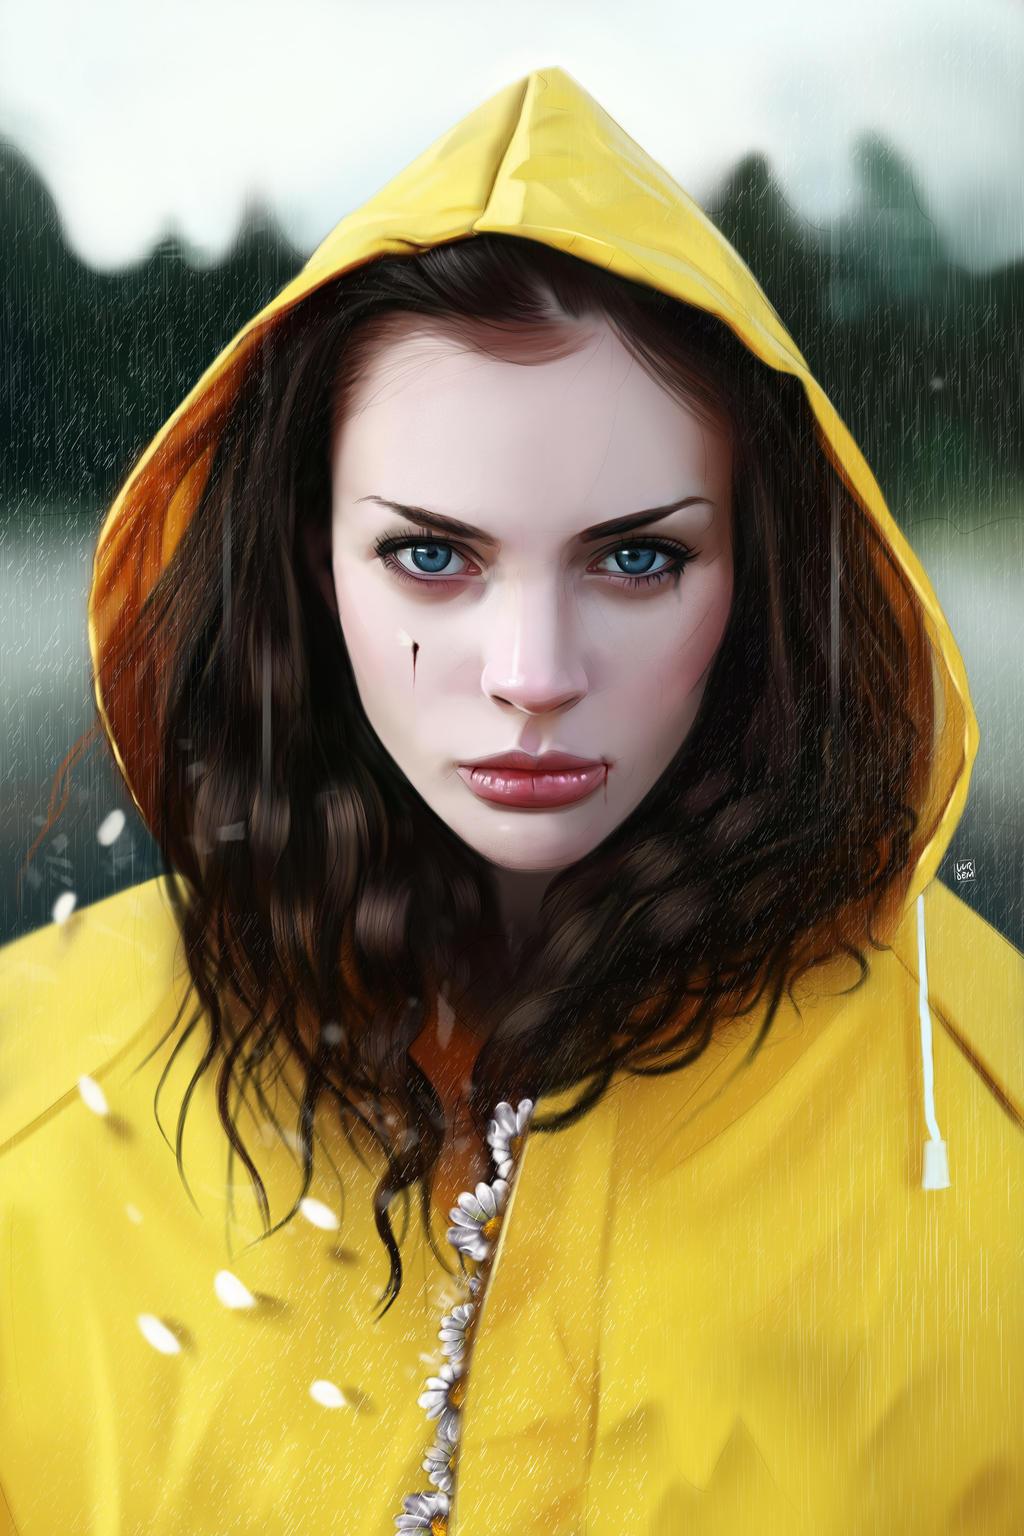 Rain-x by vurdeM